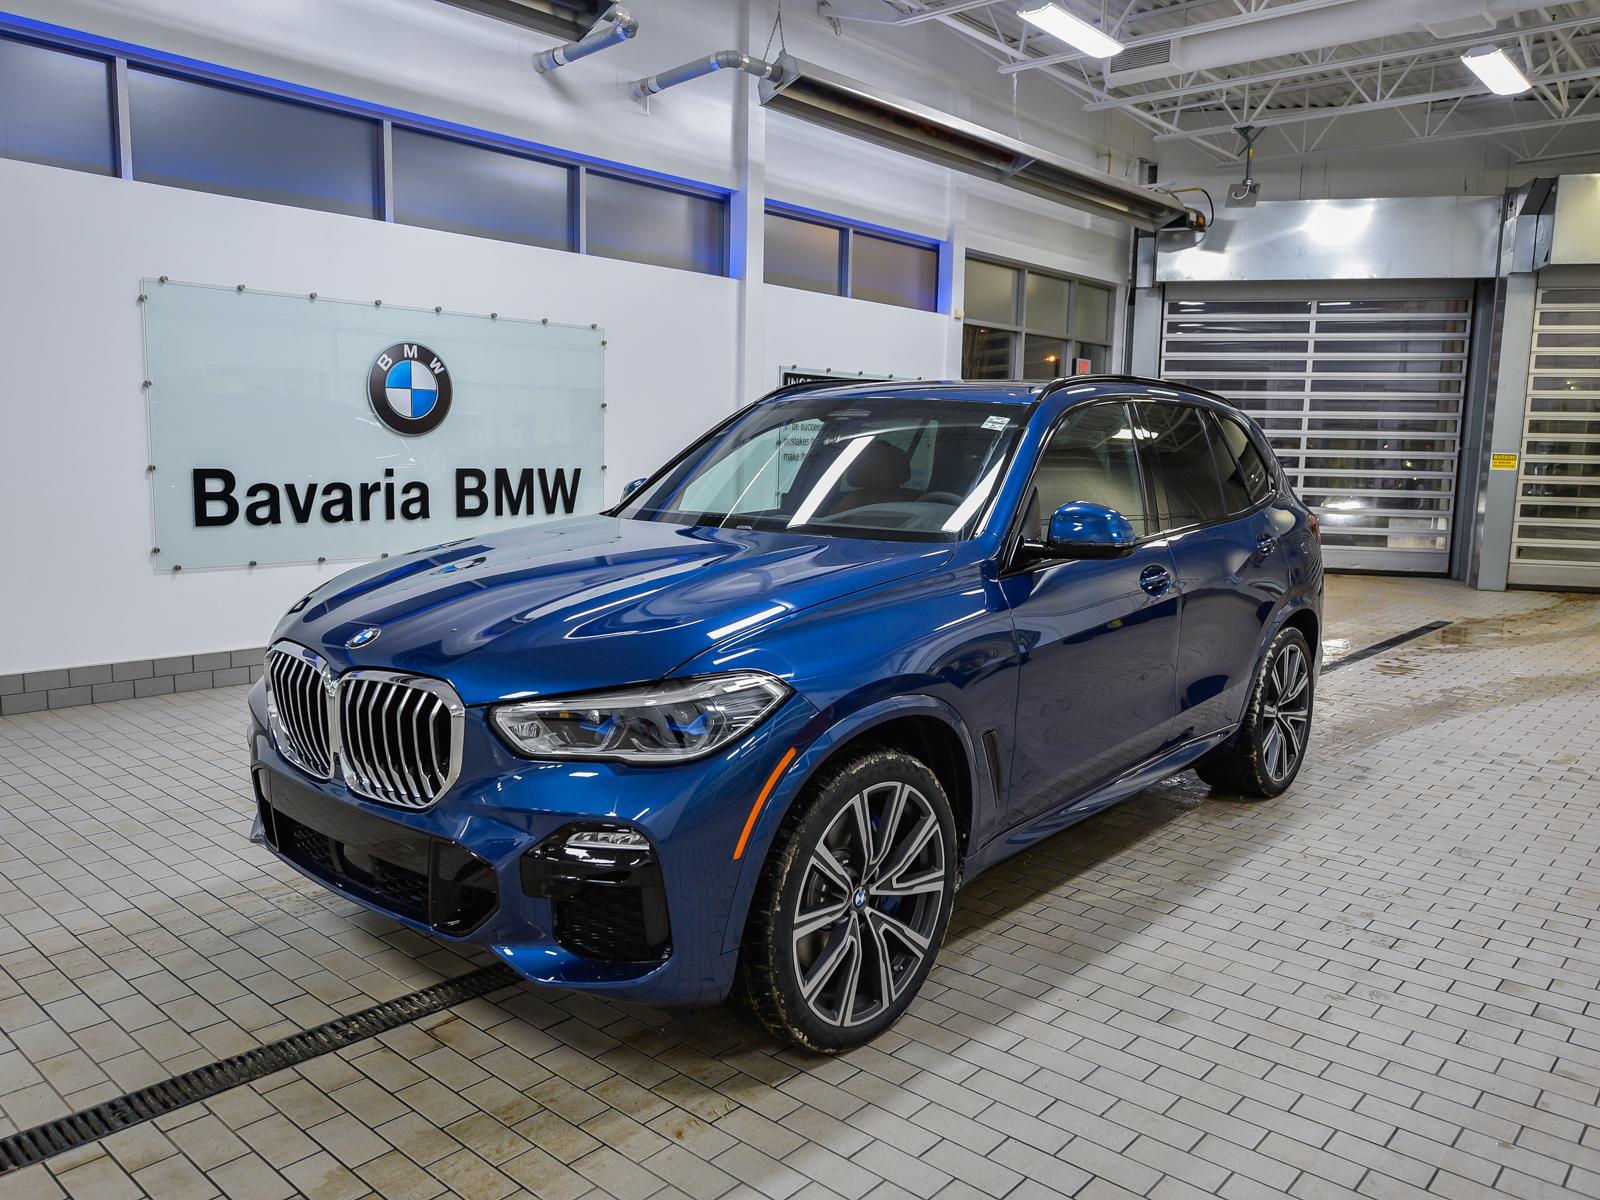 New 2019 Bmw X5 Xdrive50i Awd